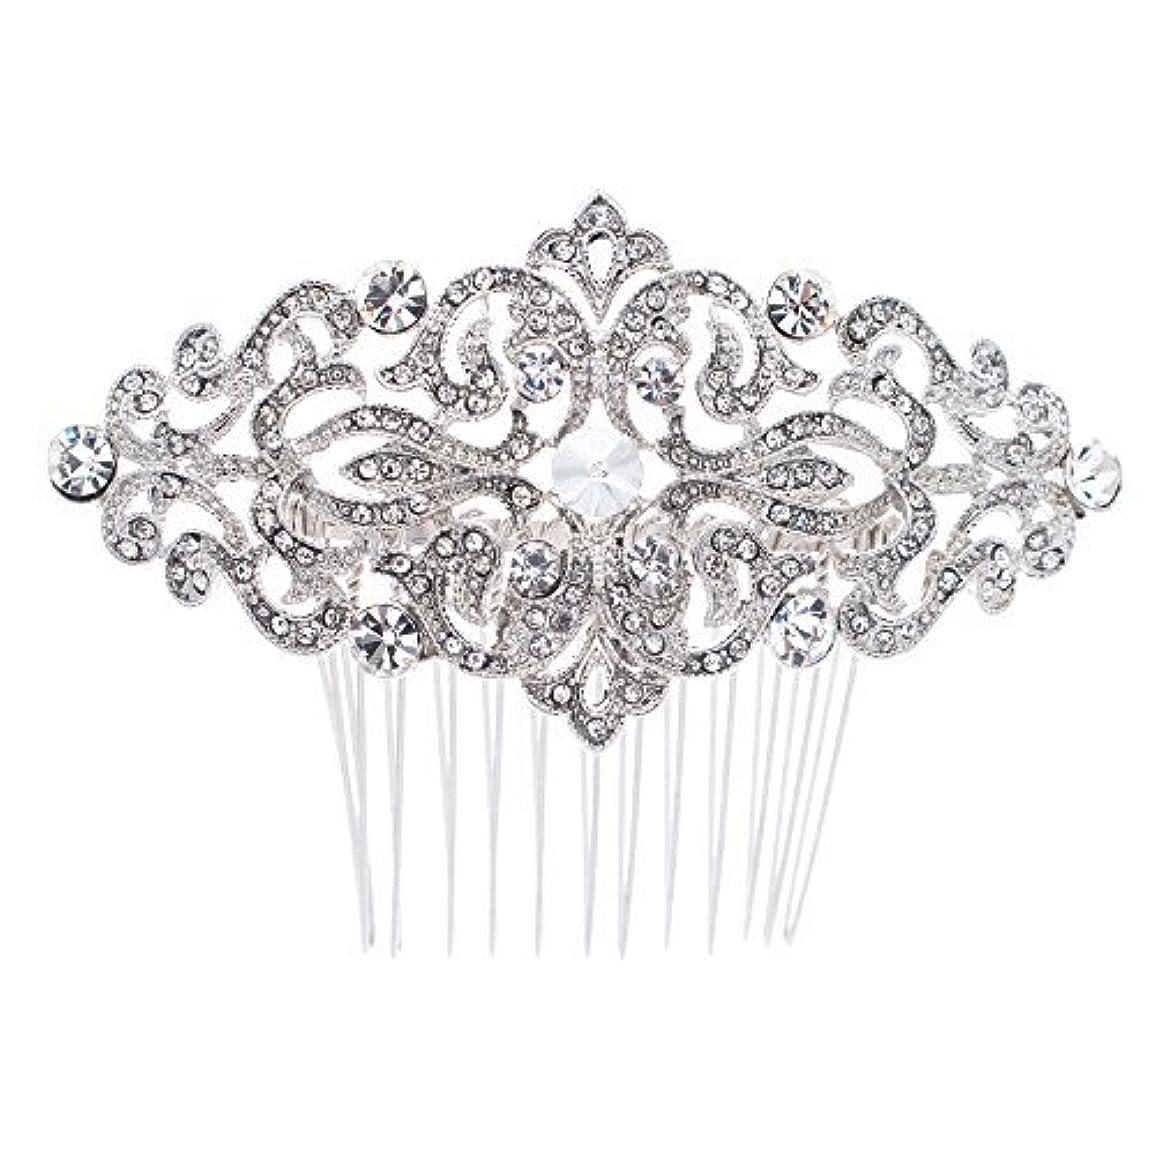 平らにする証拠退屈なRhinestone Crystal Hair Comb,Bridal Wedding Hairpin,Side Hair Comb,Hair Accessories Jewelry FA5016 [並行輸入品]